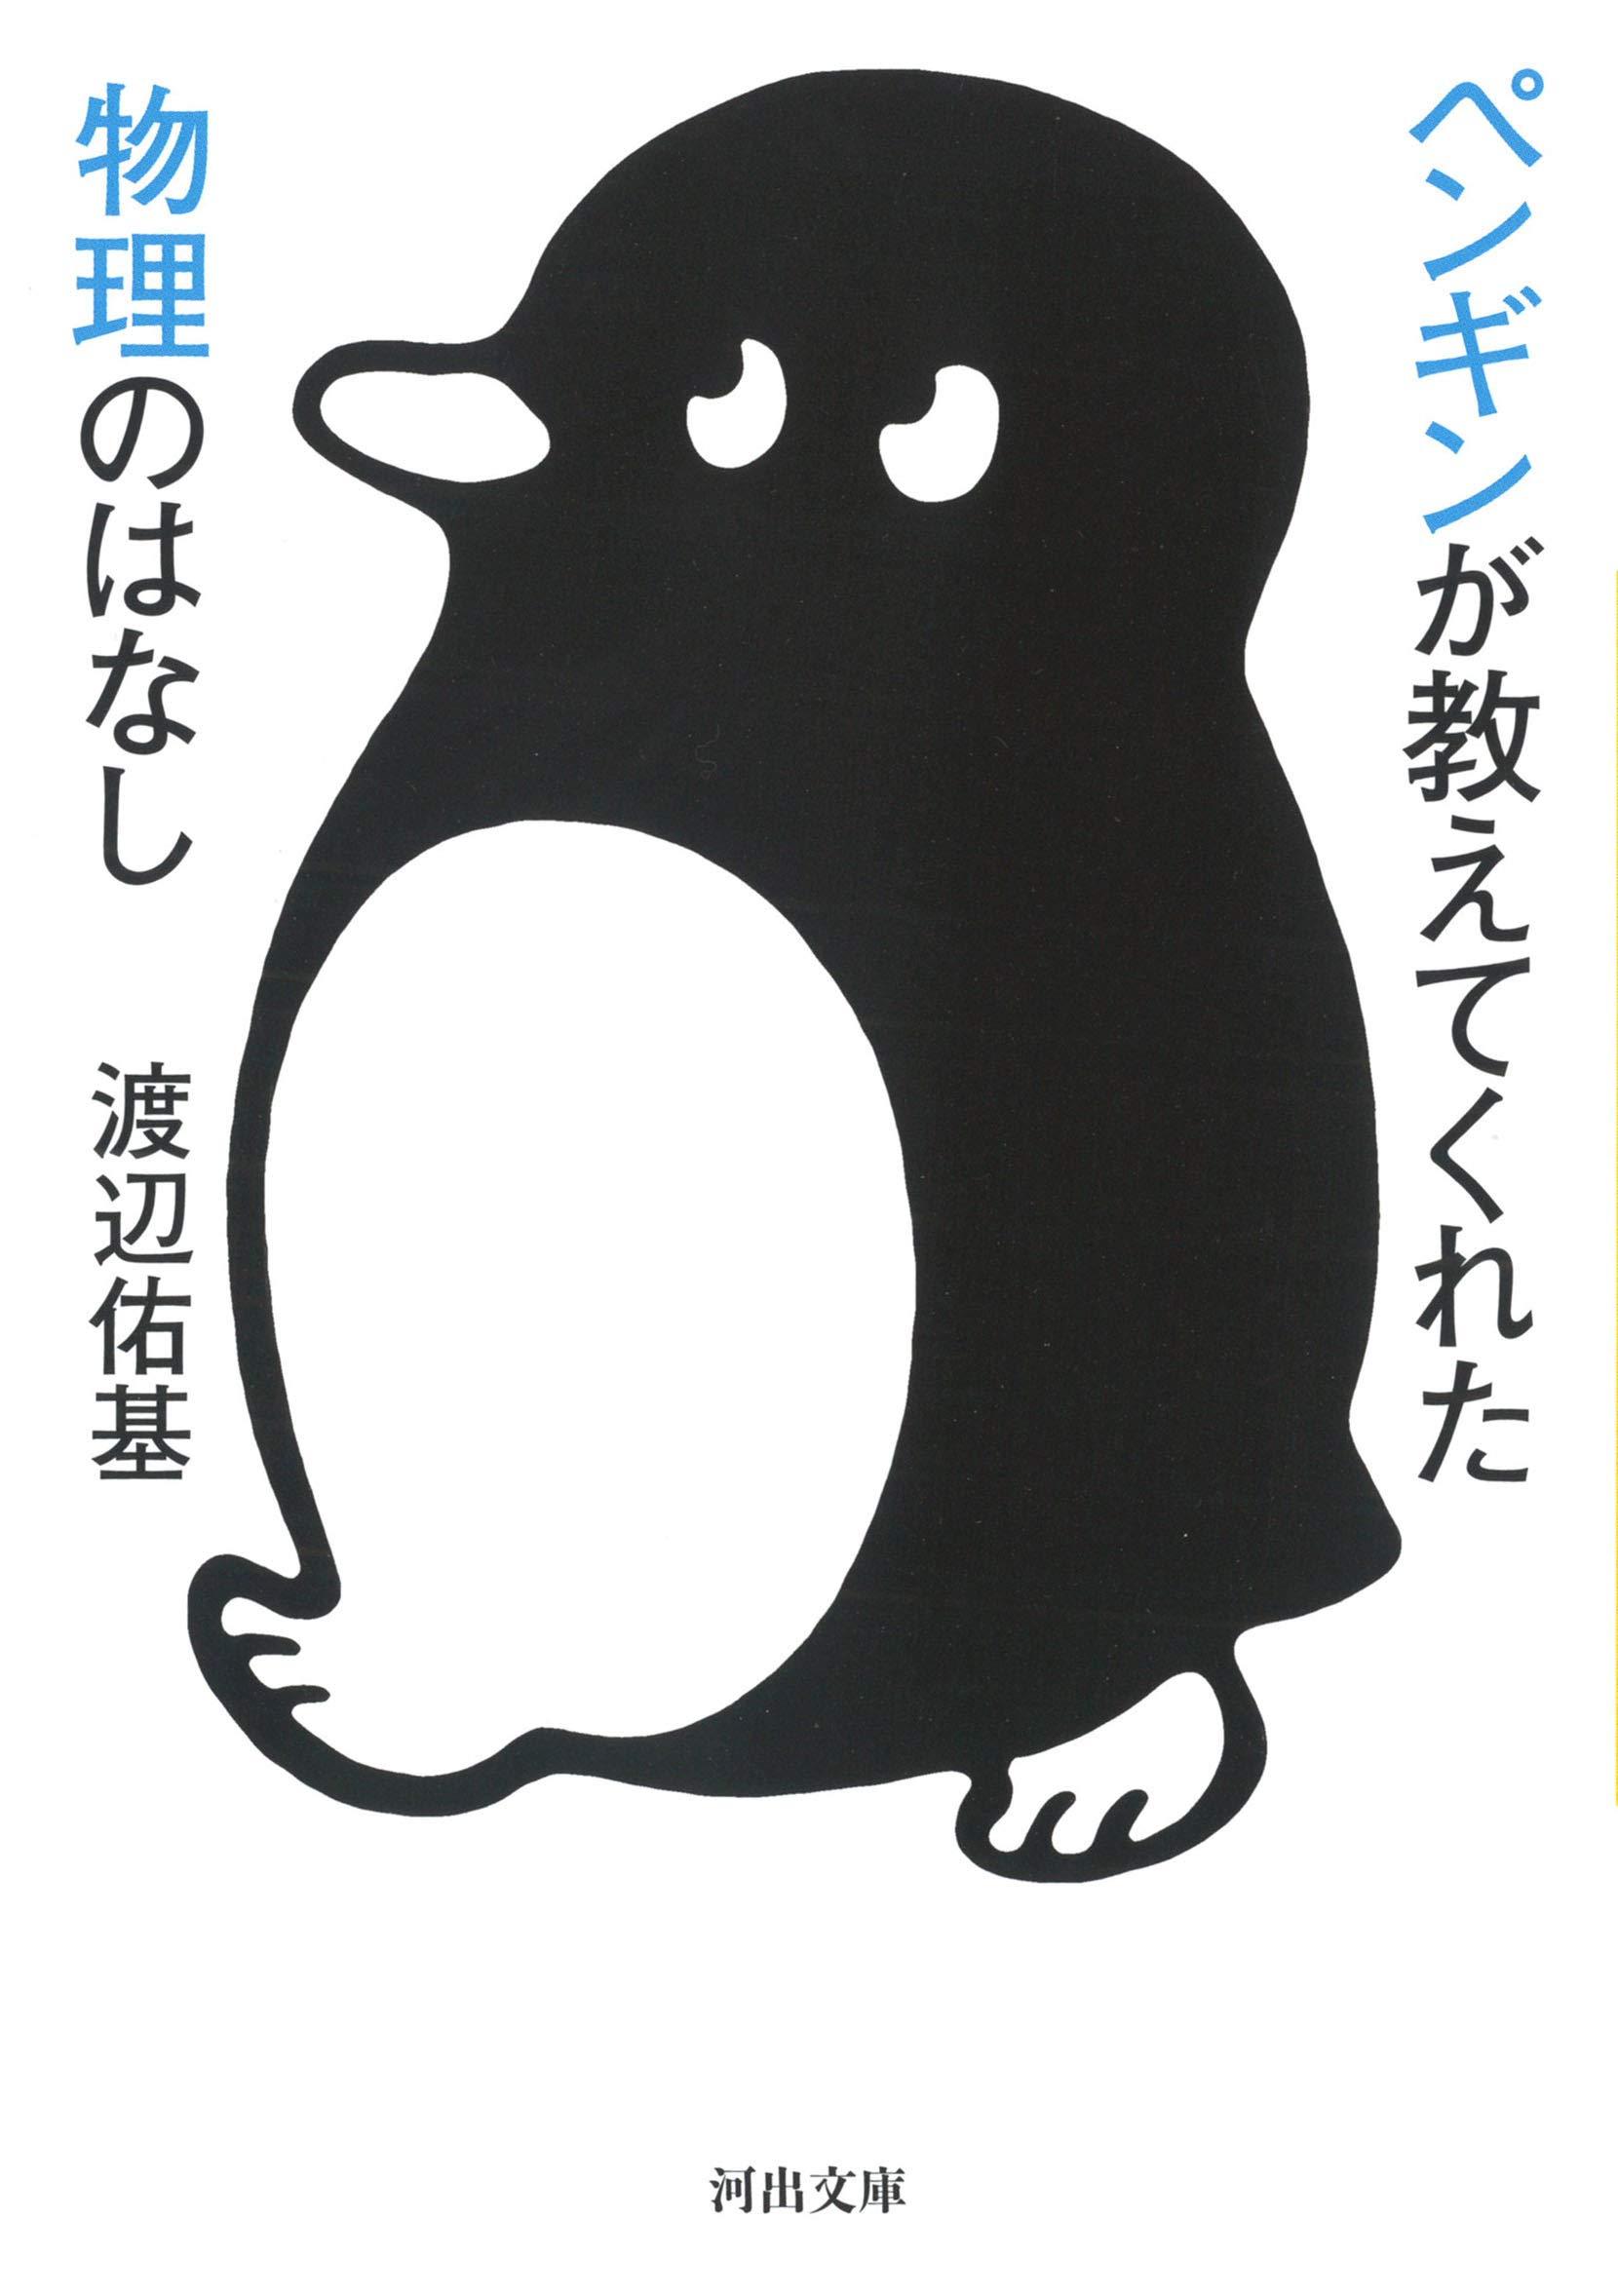 た て が くれ こと 教え ペンギン